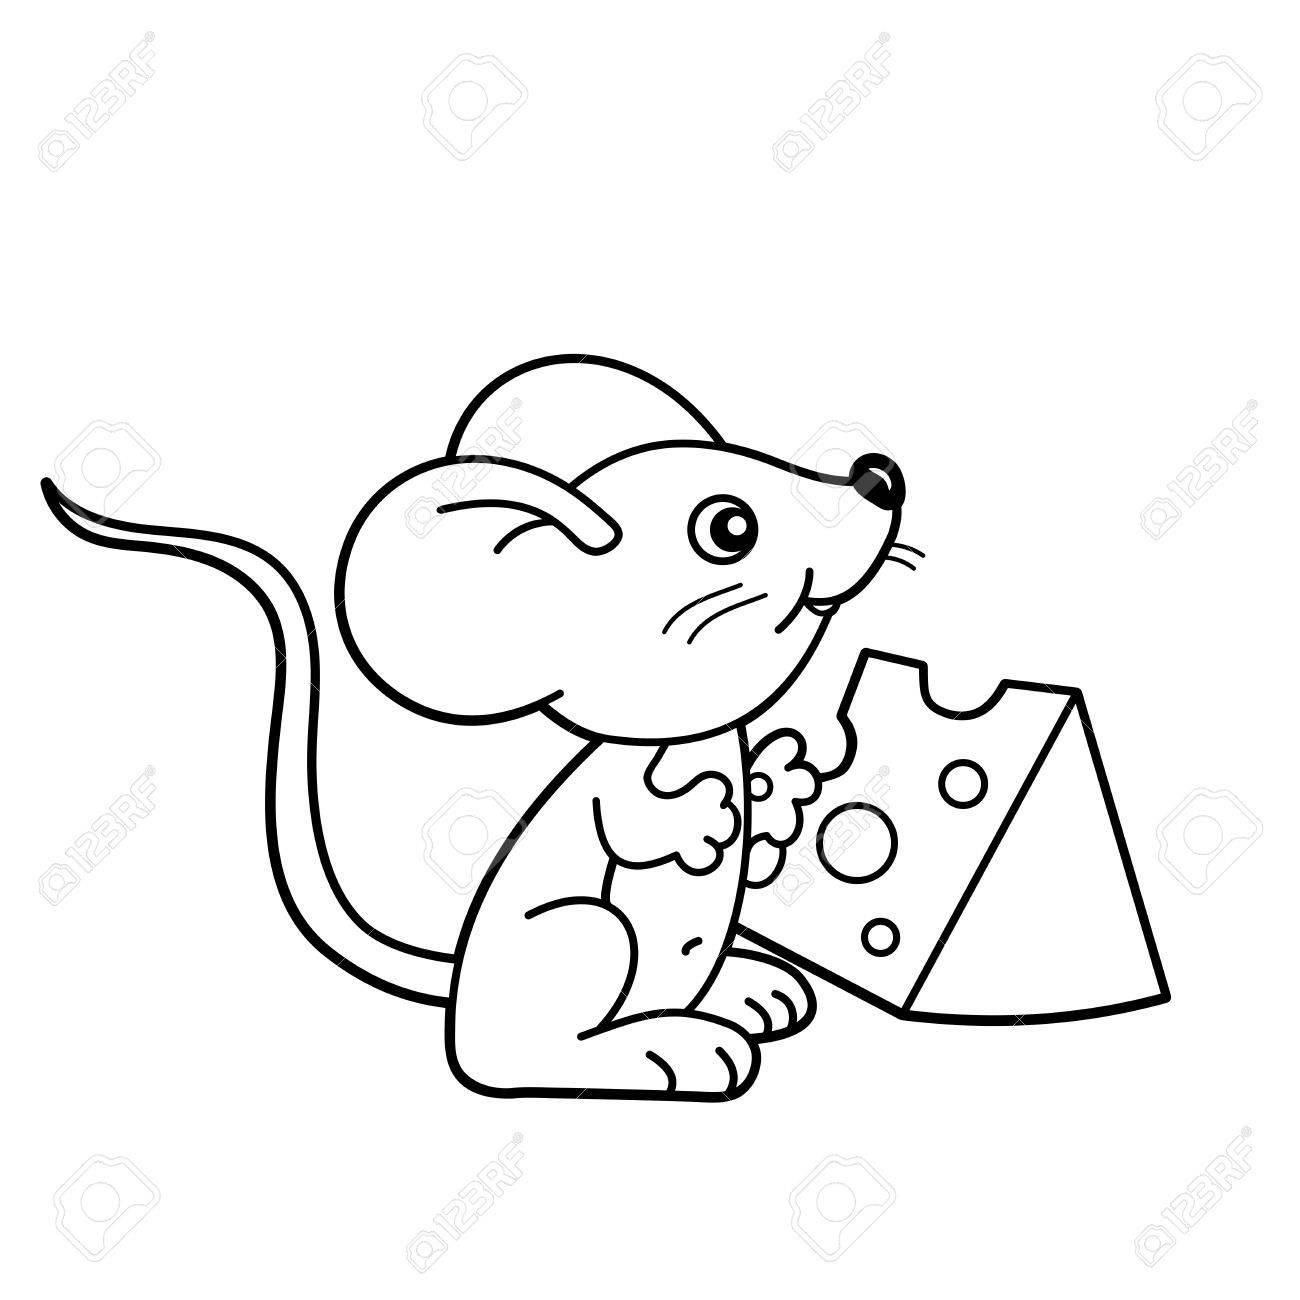 Página Para Colorear Esquema De Dibujos Animados Pequeño Ratón Con Queso Libro De Colorear Para Niños